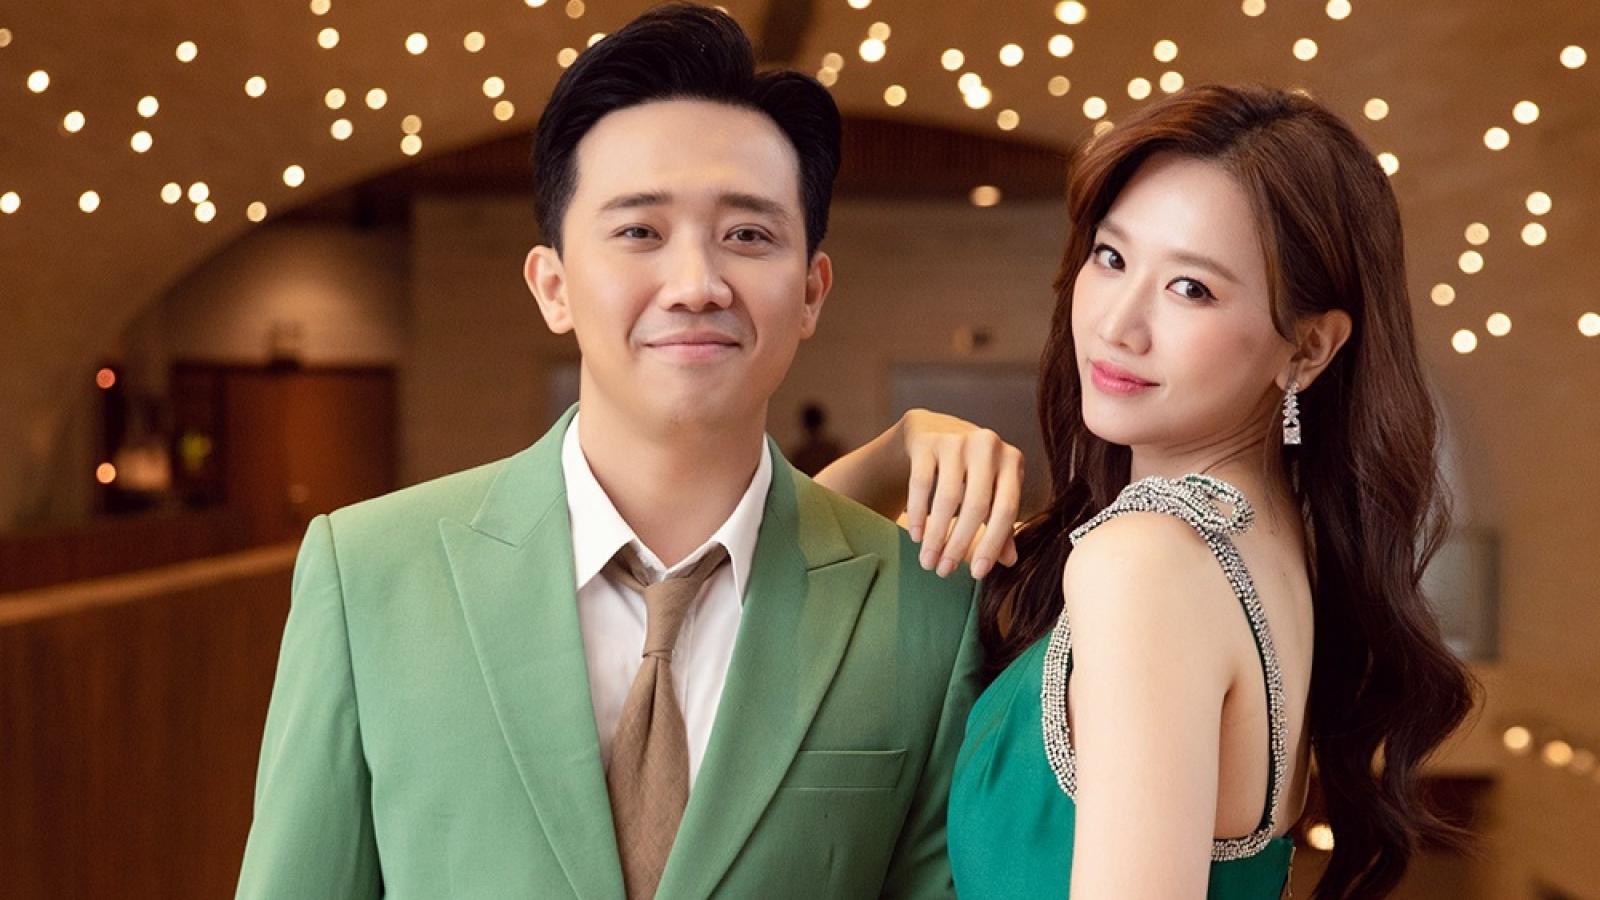 Chuyện showbiz: Hari Won tiết lộ công việc hằng ngày của hai vợ chồng trong mùa dịch